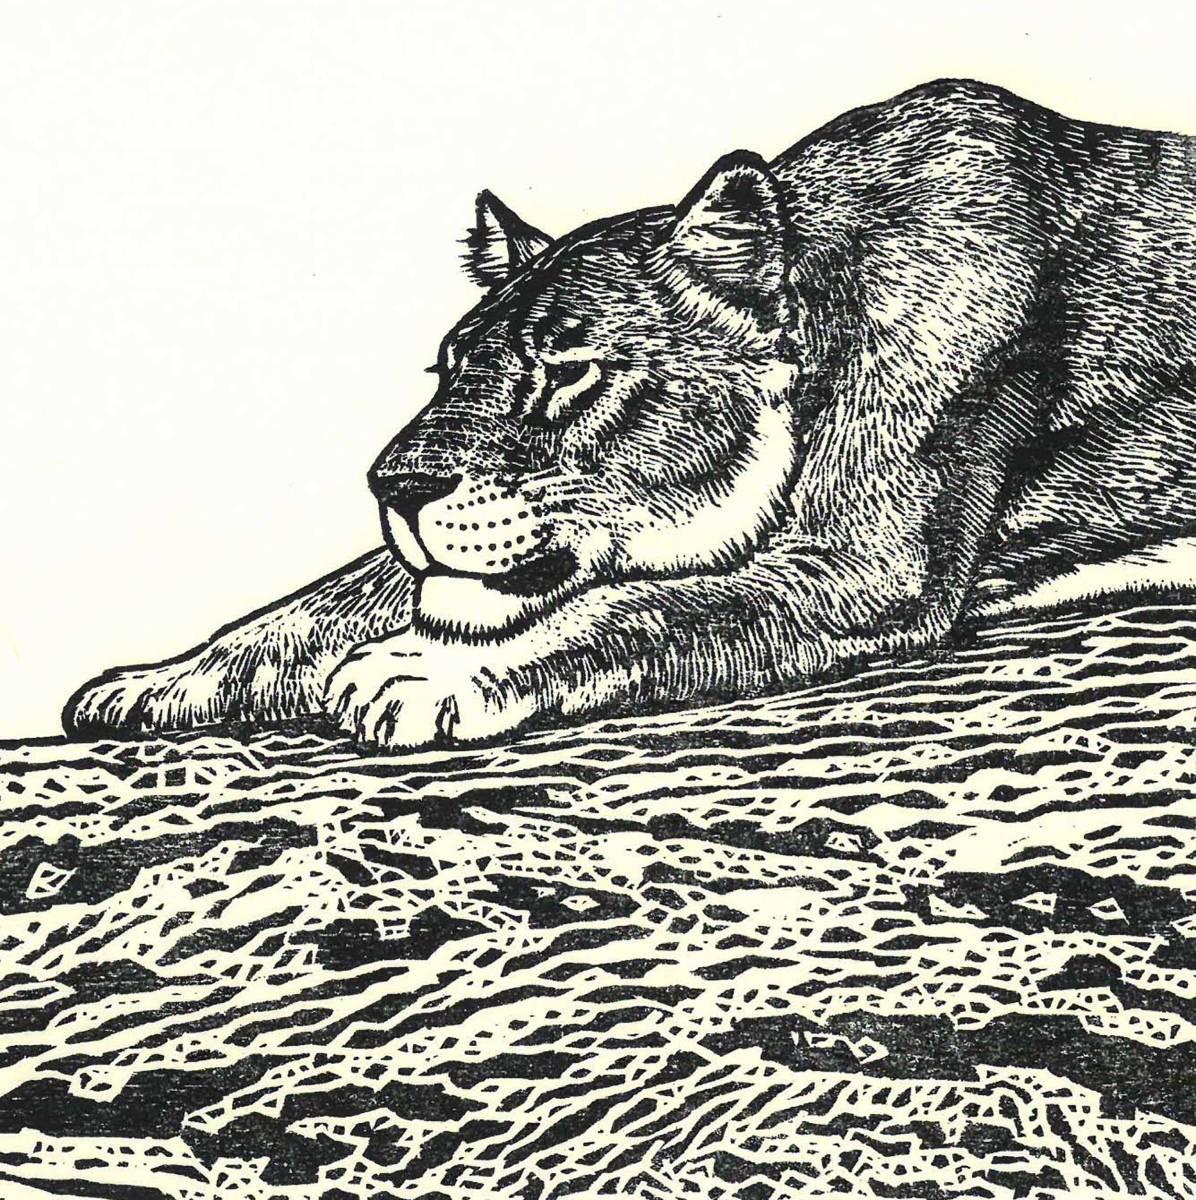 吉田遠志 (Yoshida Toshi) 木版画  ライオン#2 (Lion2)  最高峰の摺師の技をご堪能下さい!!  希少作品 残数枚のみ!!_画像9